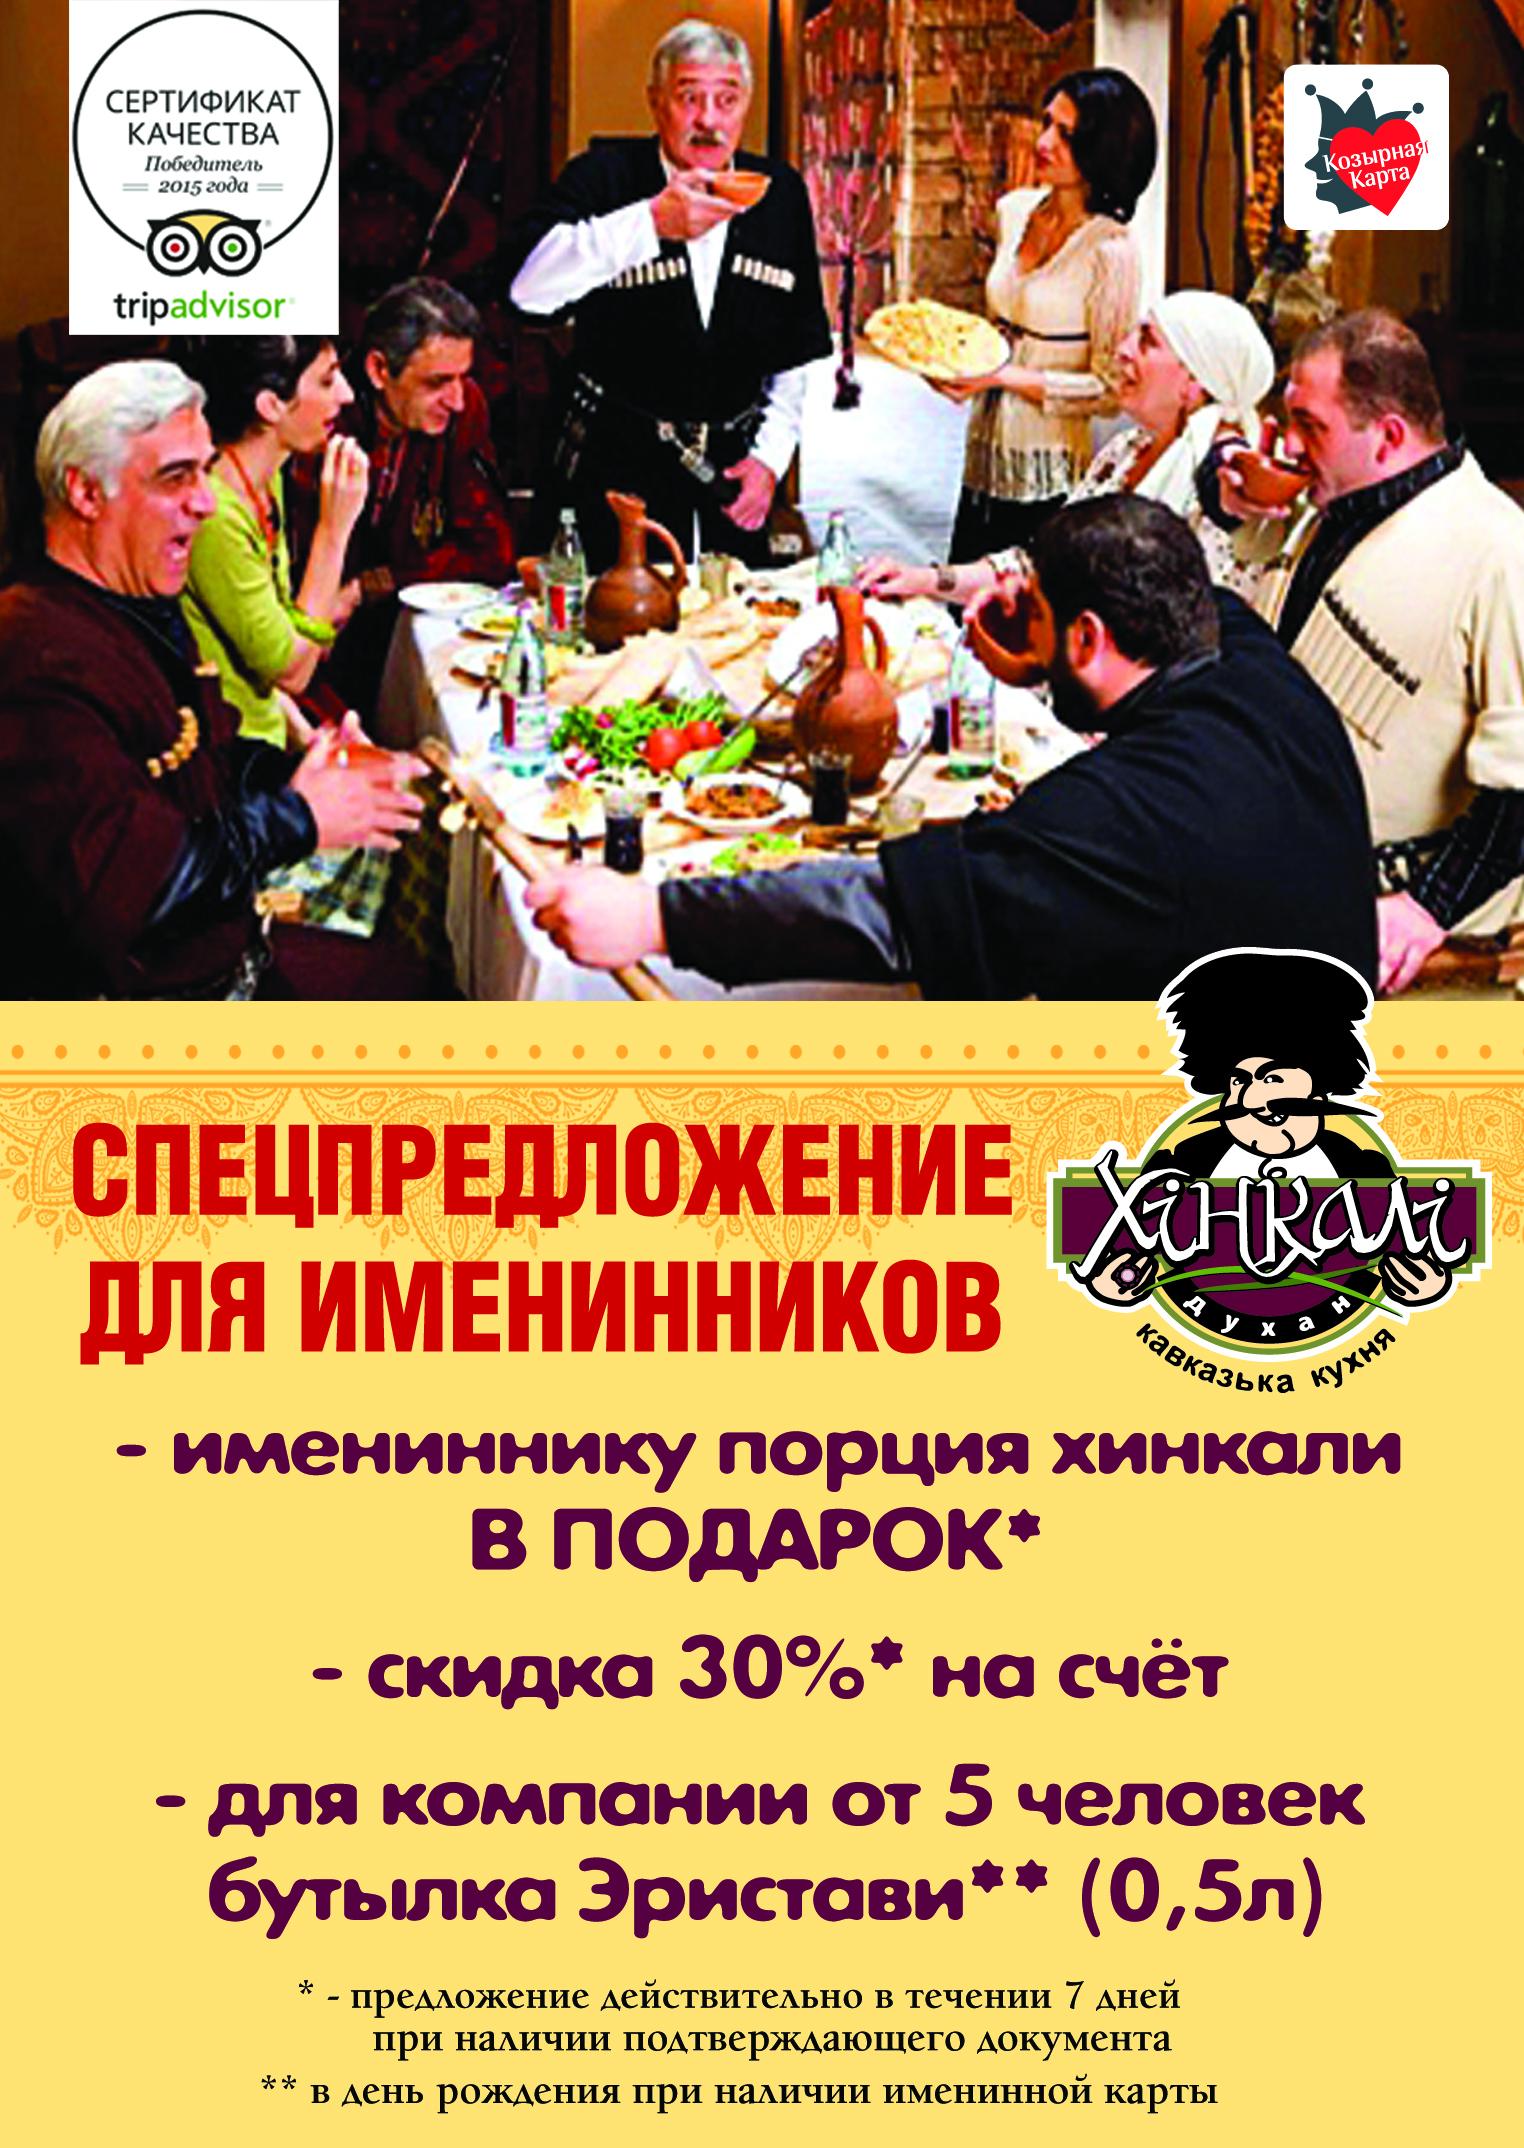 Подарок именинникам от кафе Визави - Рестораны 89